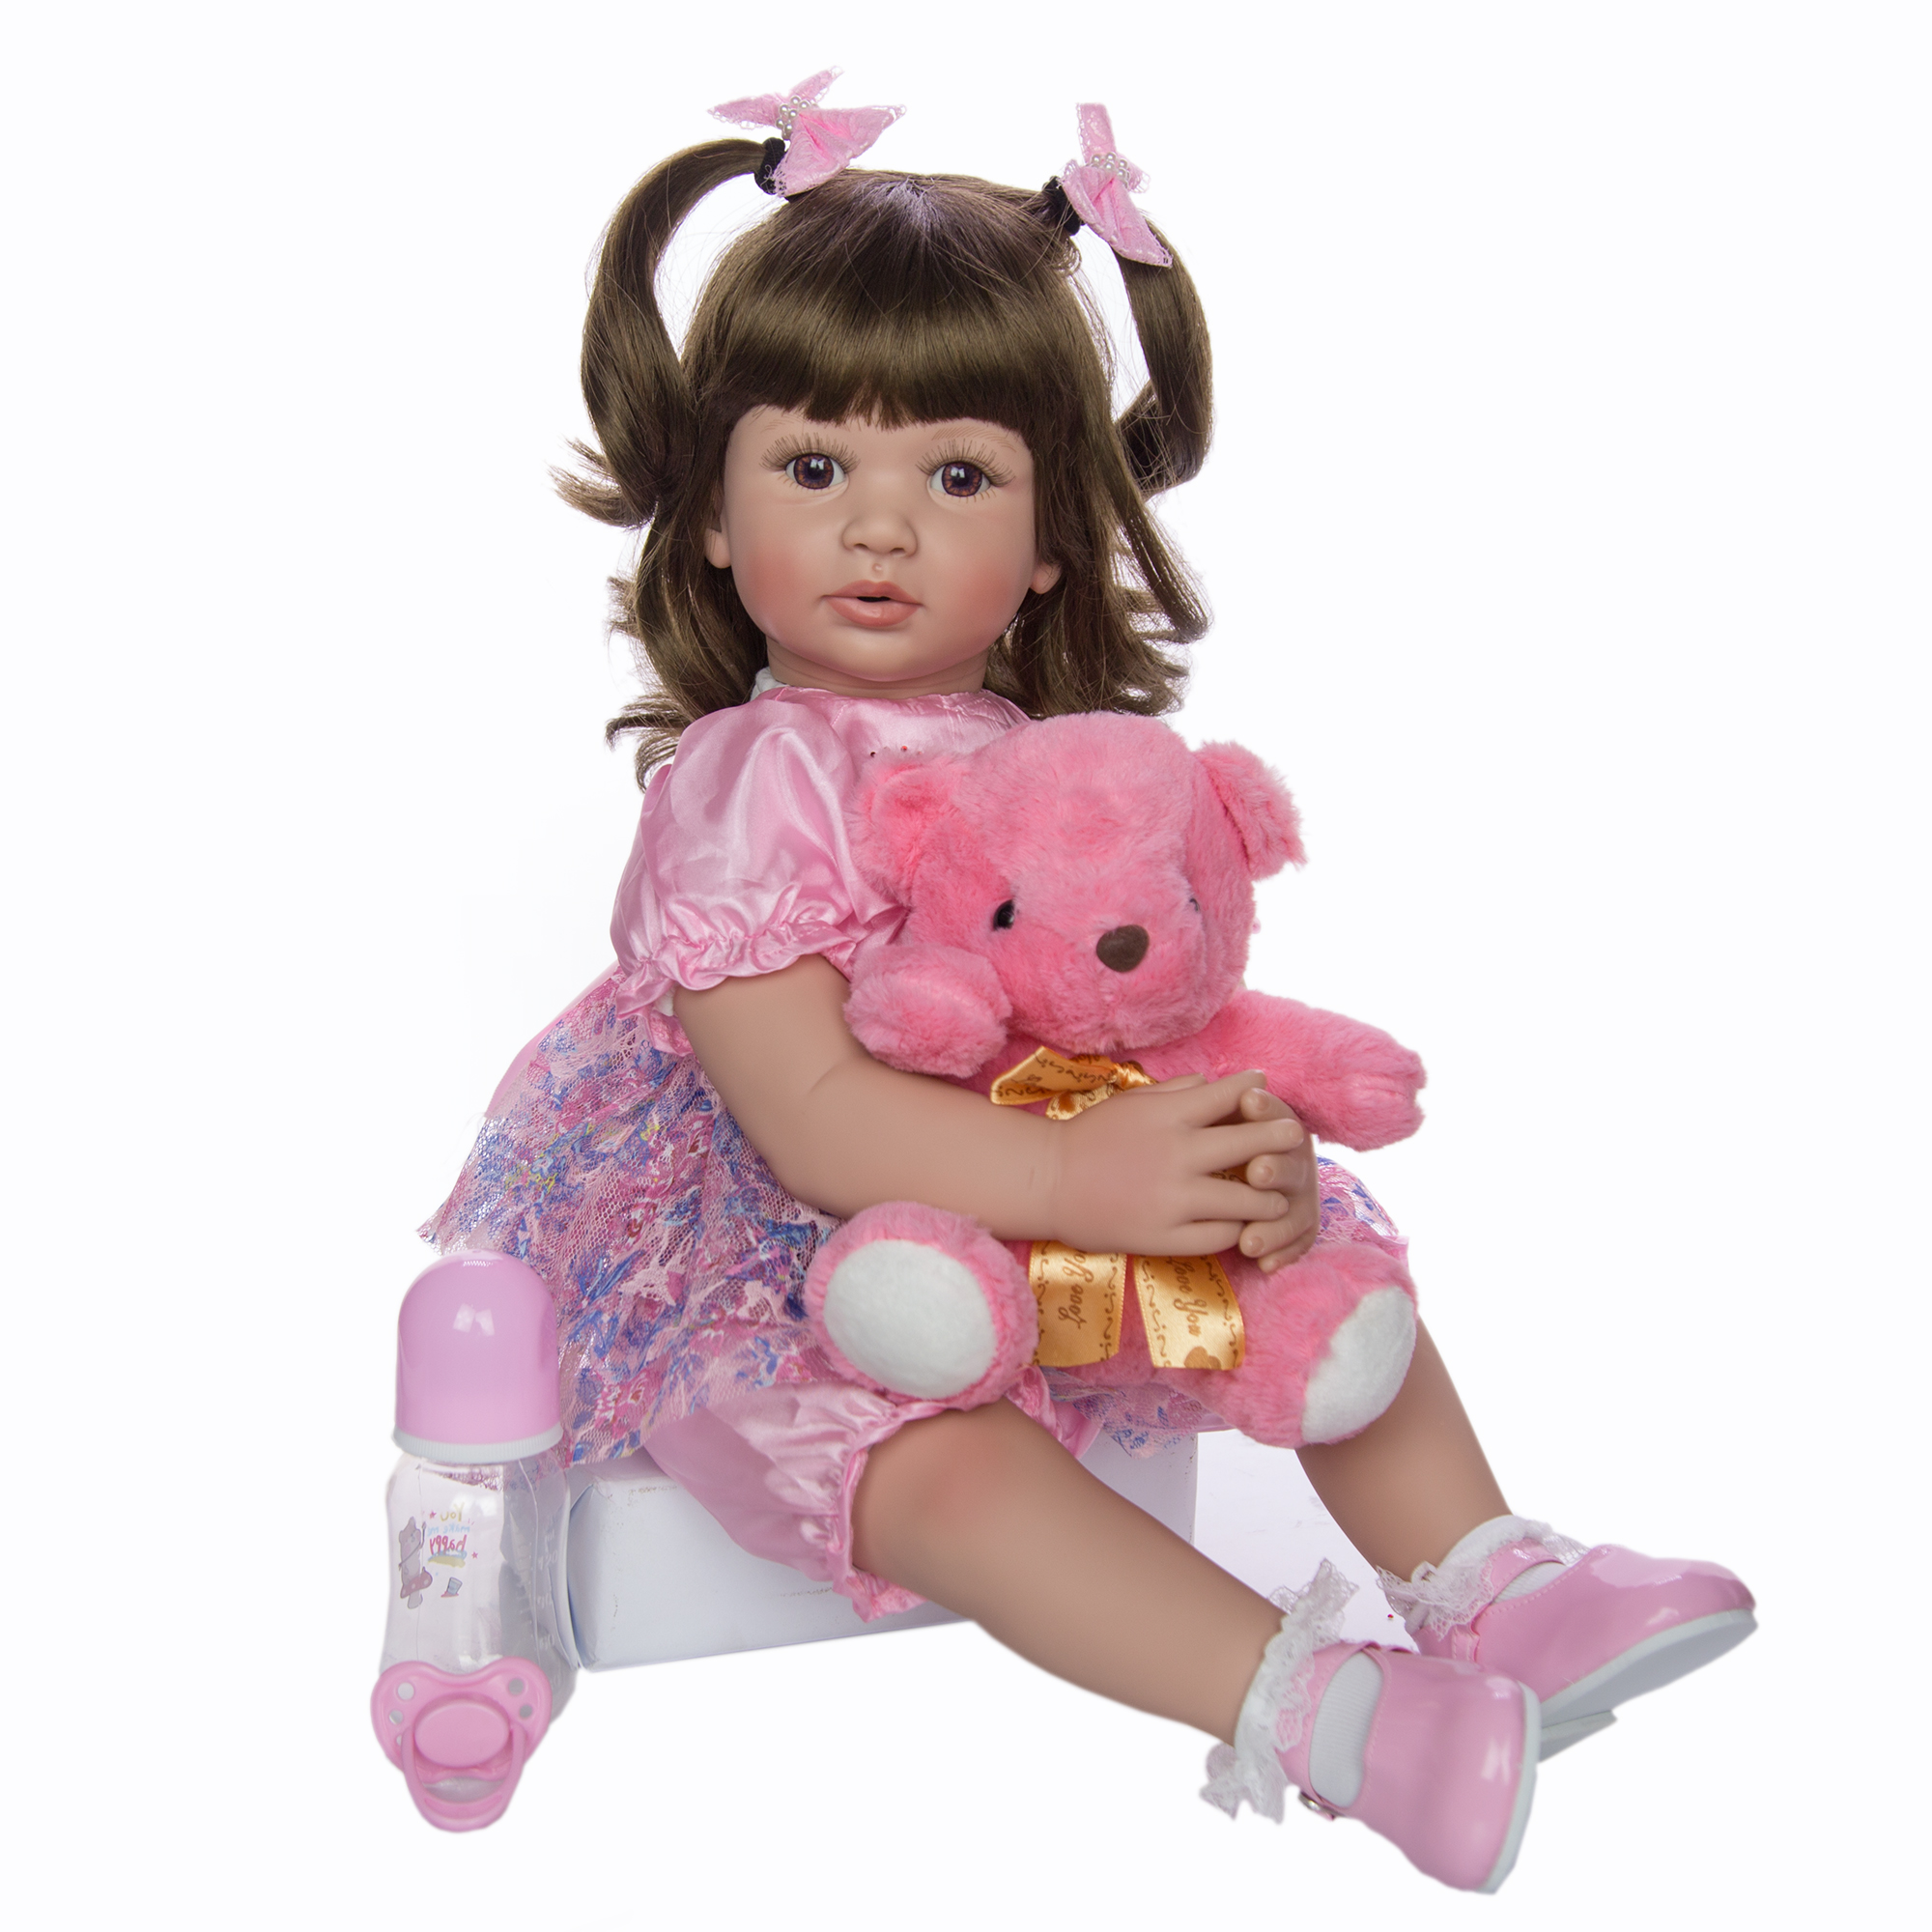 KEIUMI 24 Inch Reborn Puppen 60cm Tuch Körper Neugeborenen Mädchen Babys Spielzeug Prinzessin Boneca Baby Puppe Für Verkauf Kid geburtstag Geschenk Sammeln-in Puppen aus Spielzeug und Hobbys bei  Gruppe 2